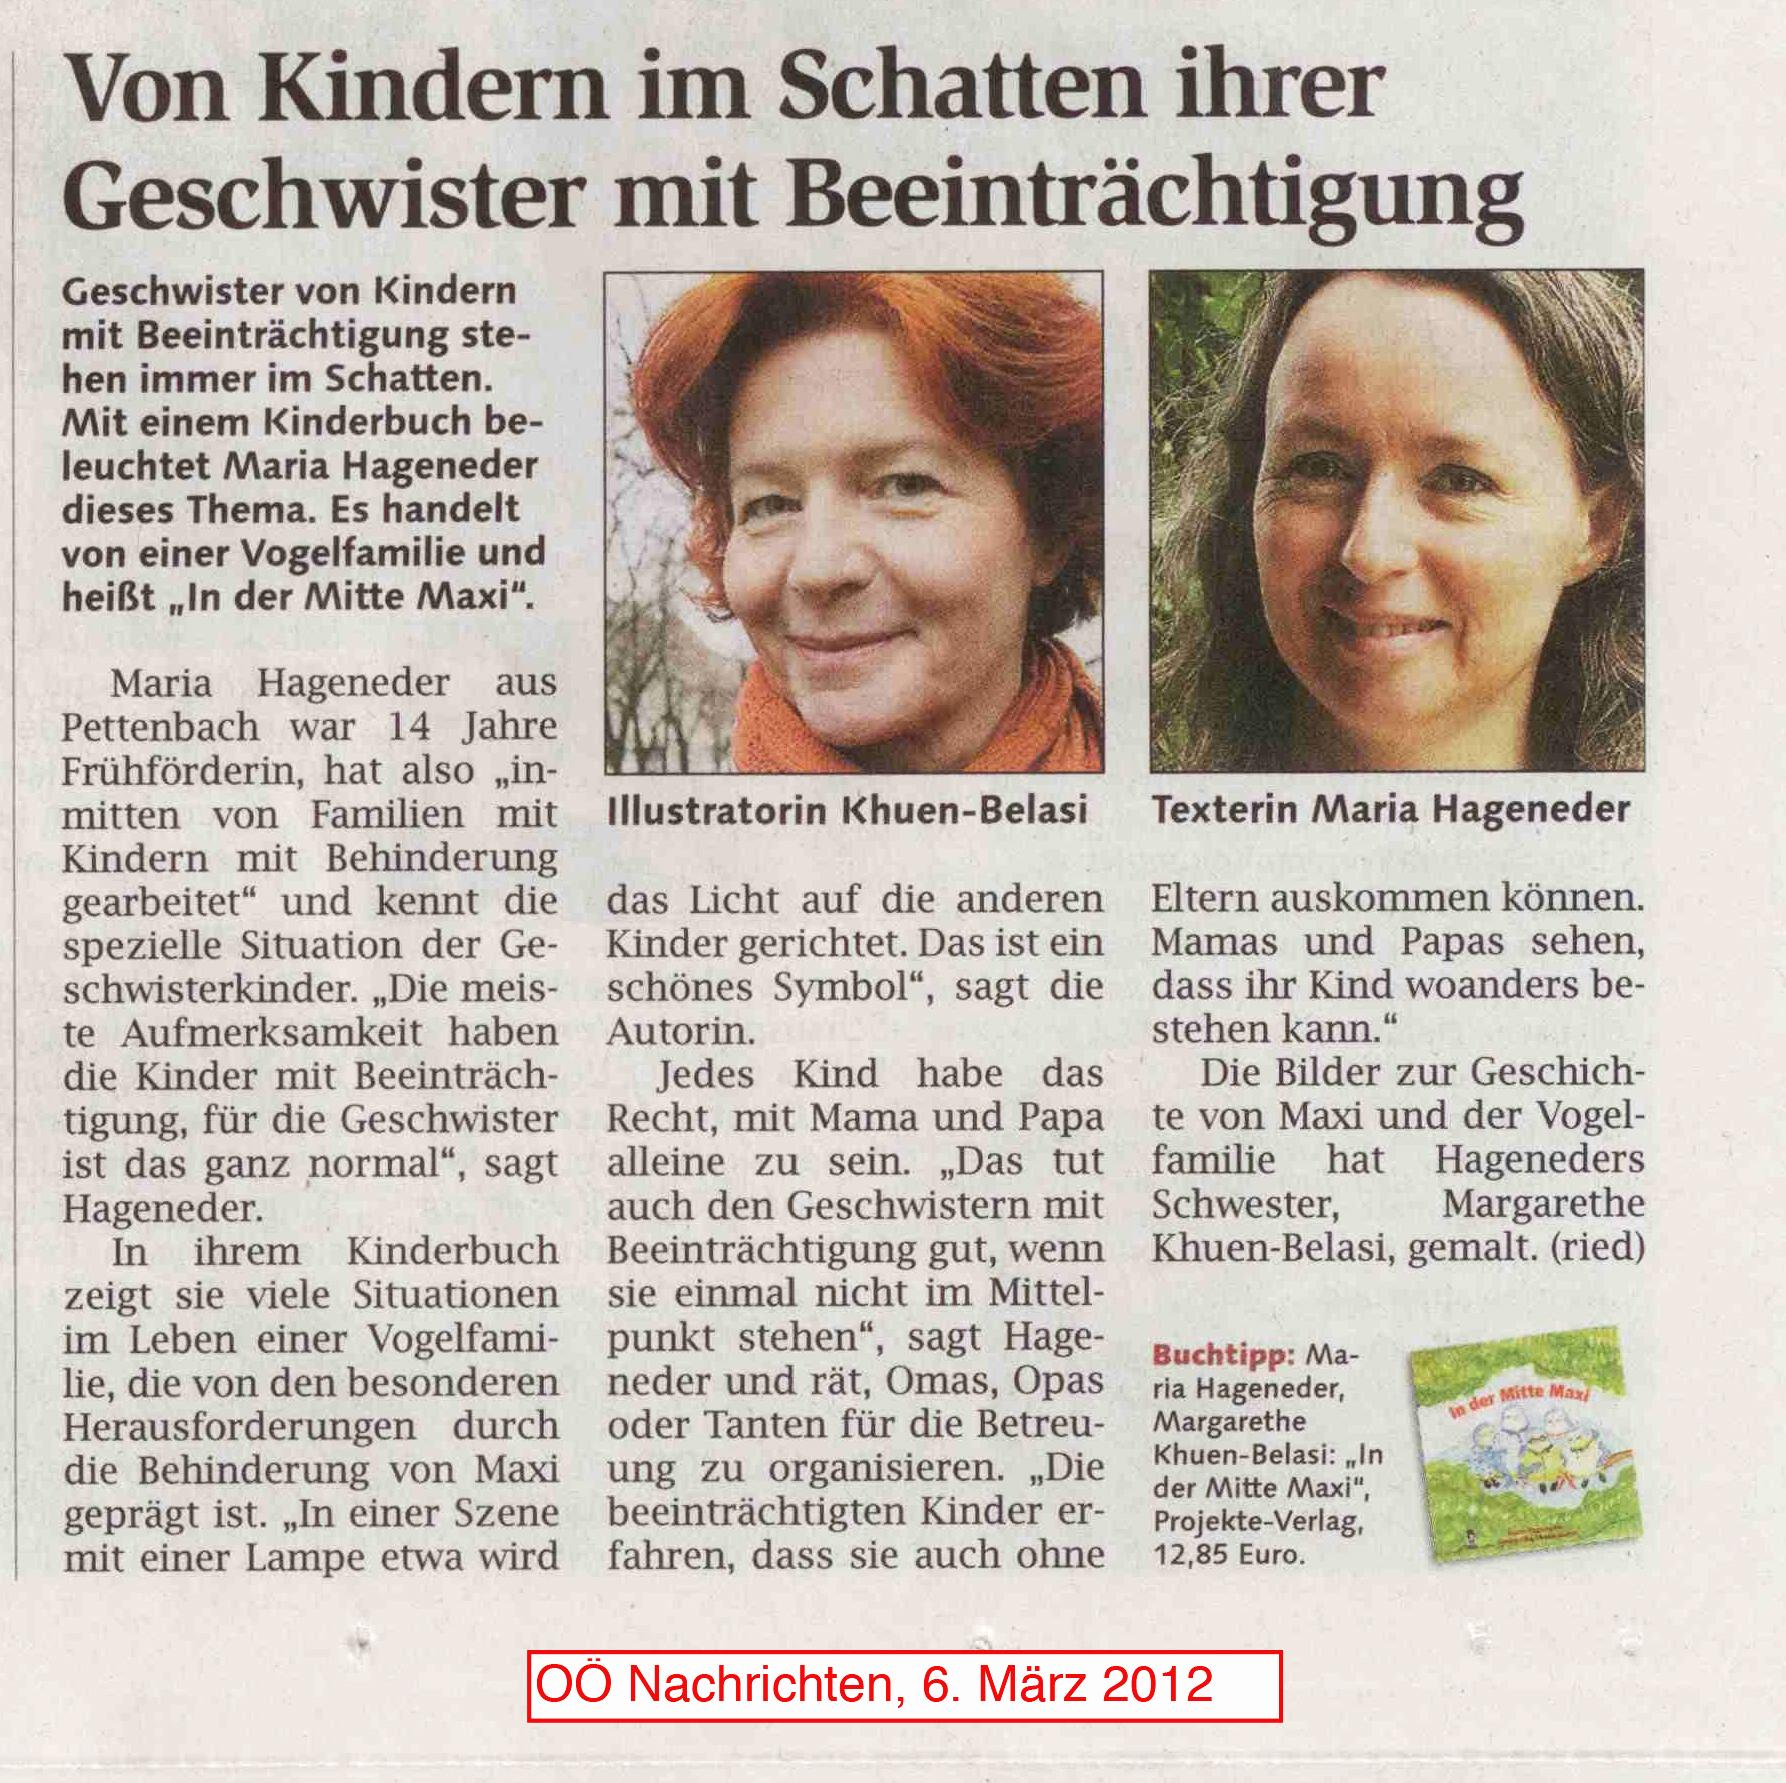 Ein Artikel in den OÖ Nachrichten, 6. März 2012